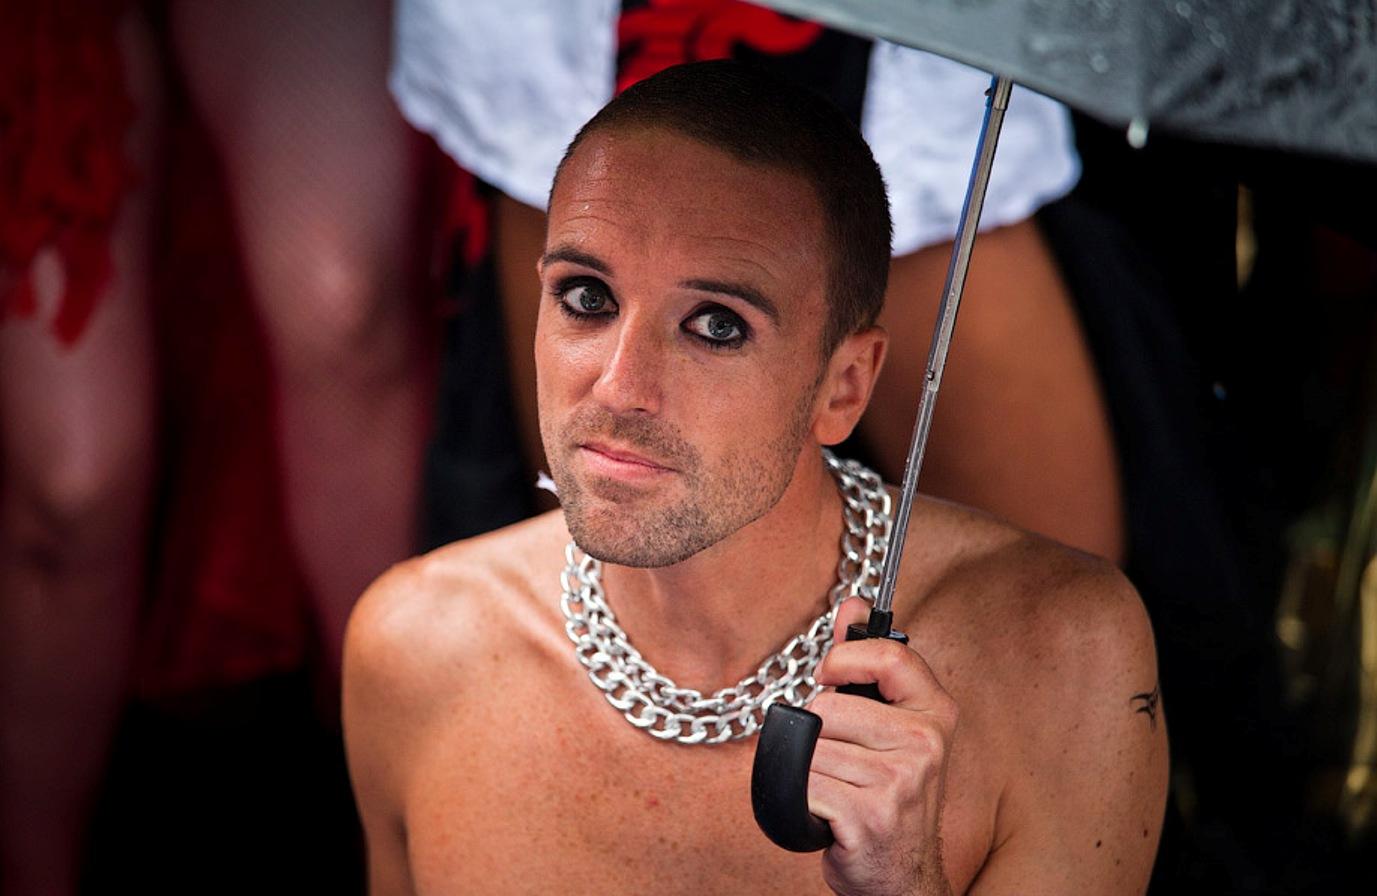 Бесплатное гей видео на Плешке. Гей порно фото геев.